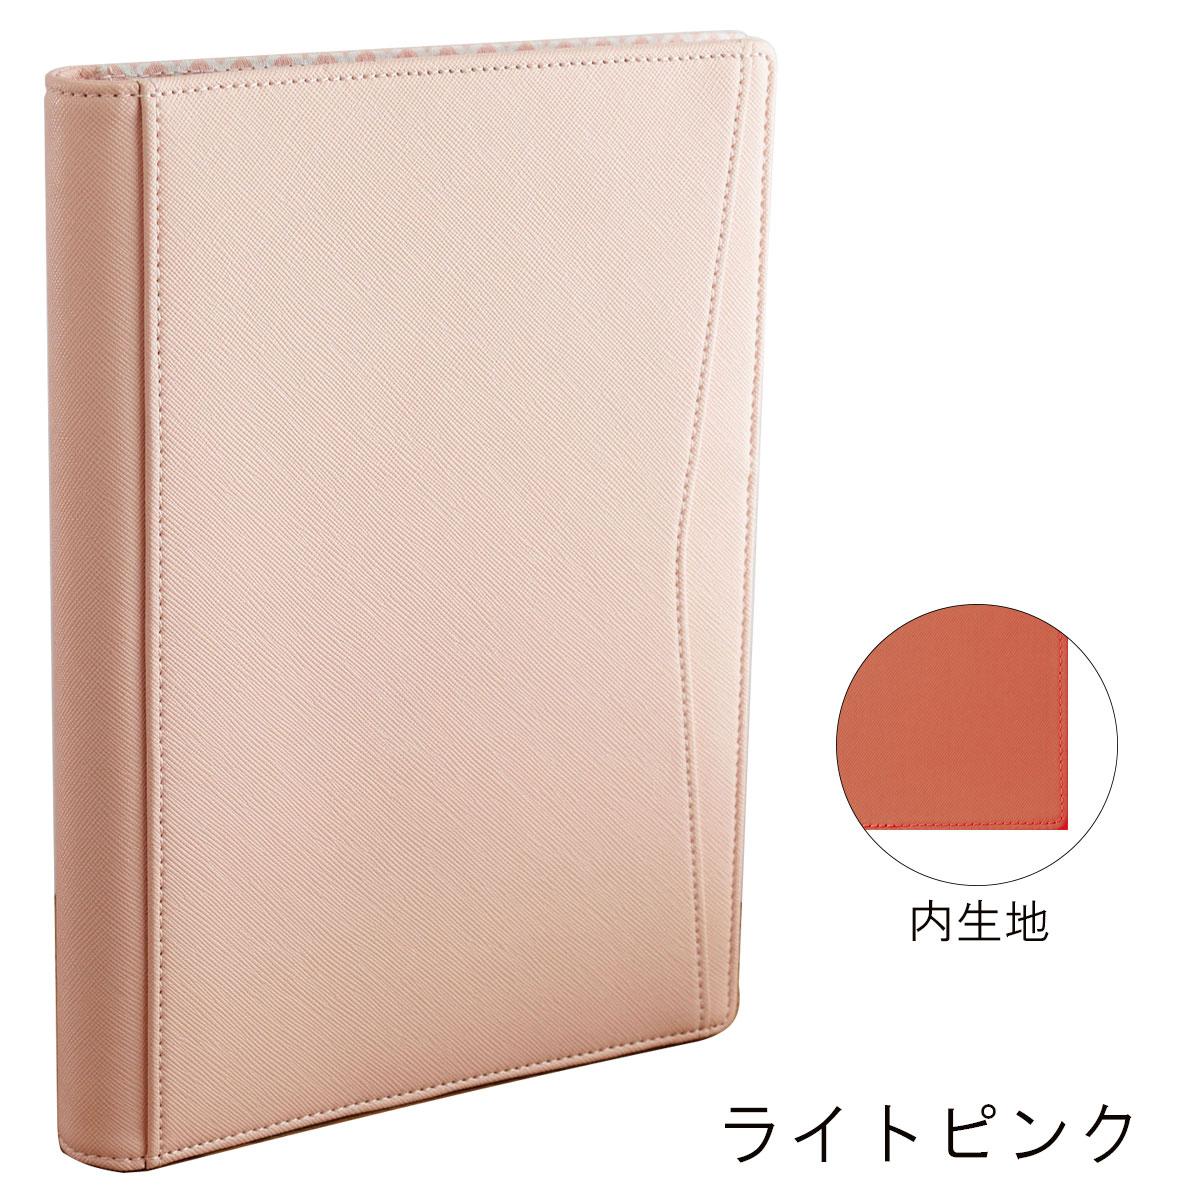 レイメイ藤井 A5サイズ スリムシステム手帳 decona リング15mm